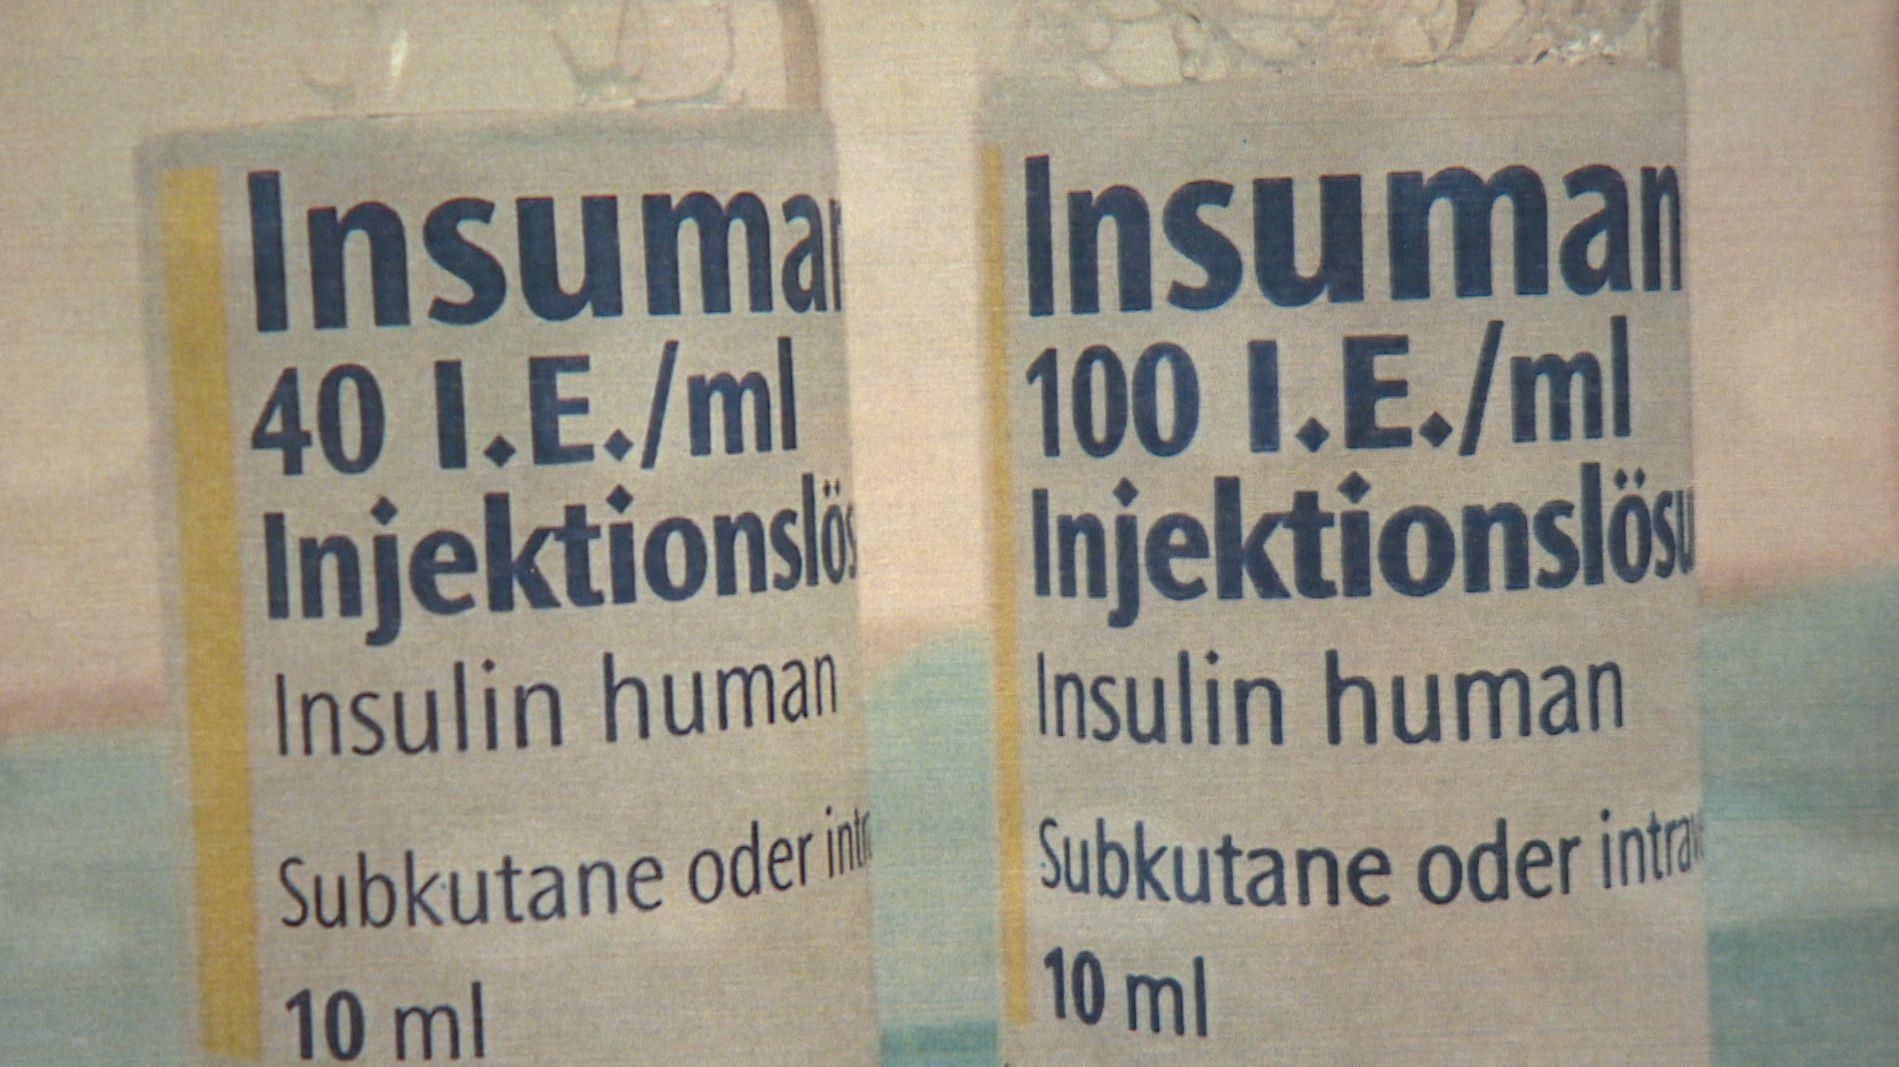 Zwei Fläschchen einer Insulin-Injektionslösung mit unterschiedlicher Wirkstoff-Dosis.